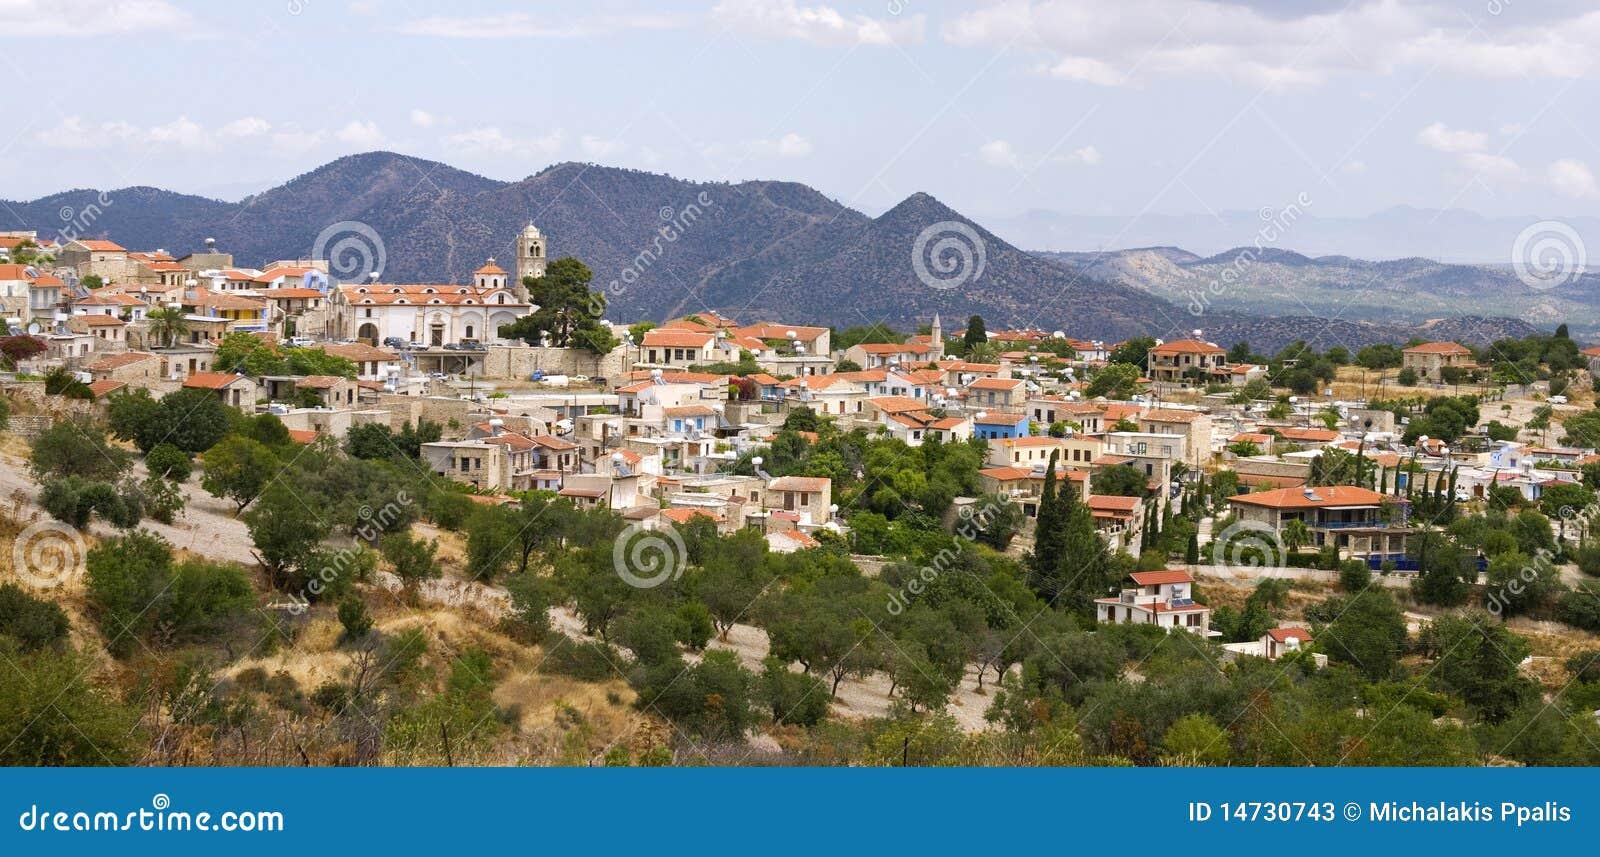 Cyprus lefkaraby